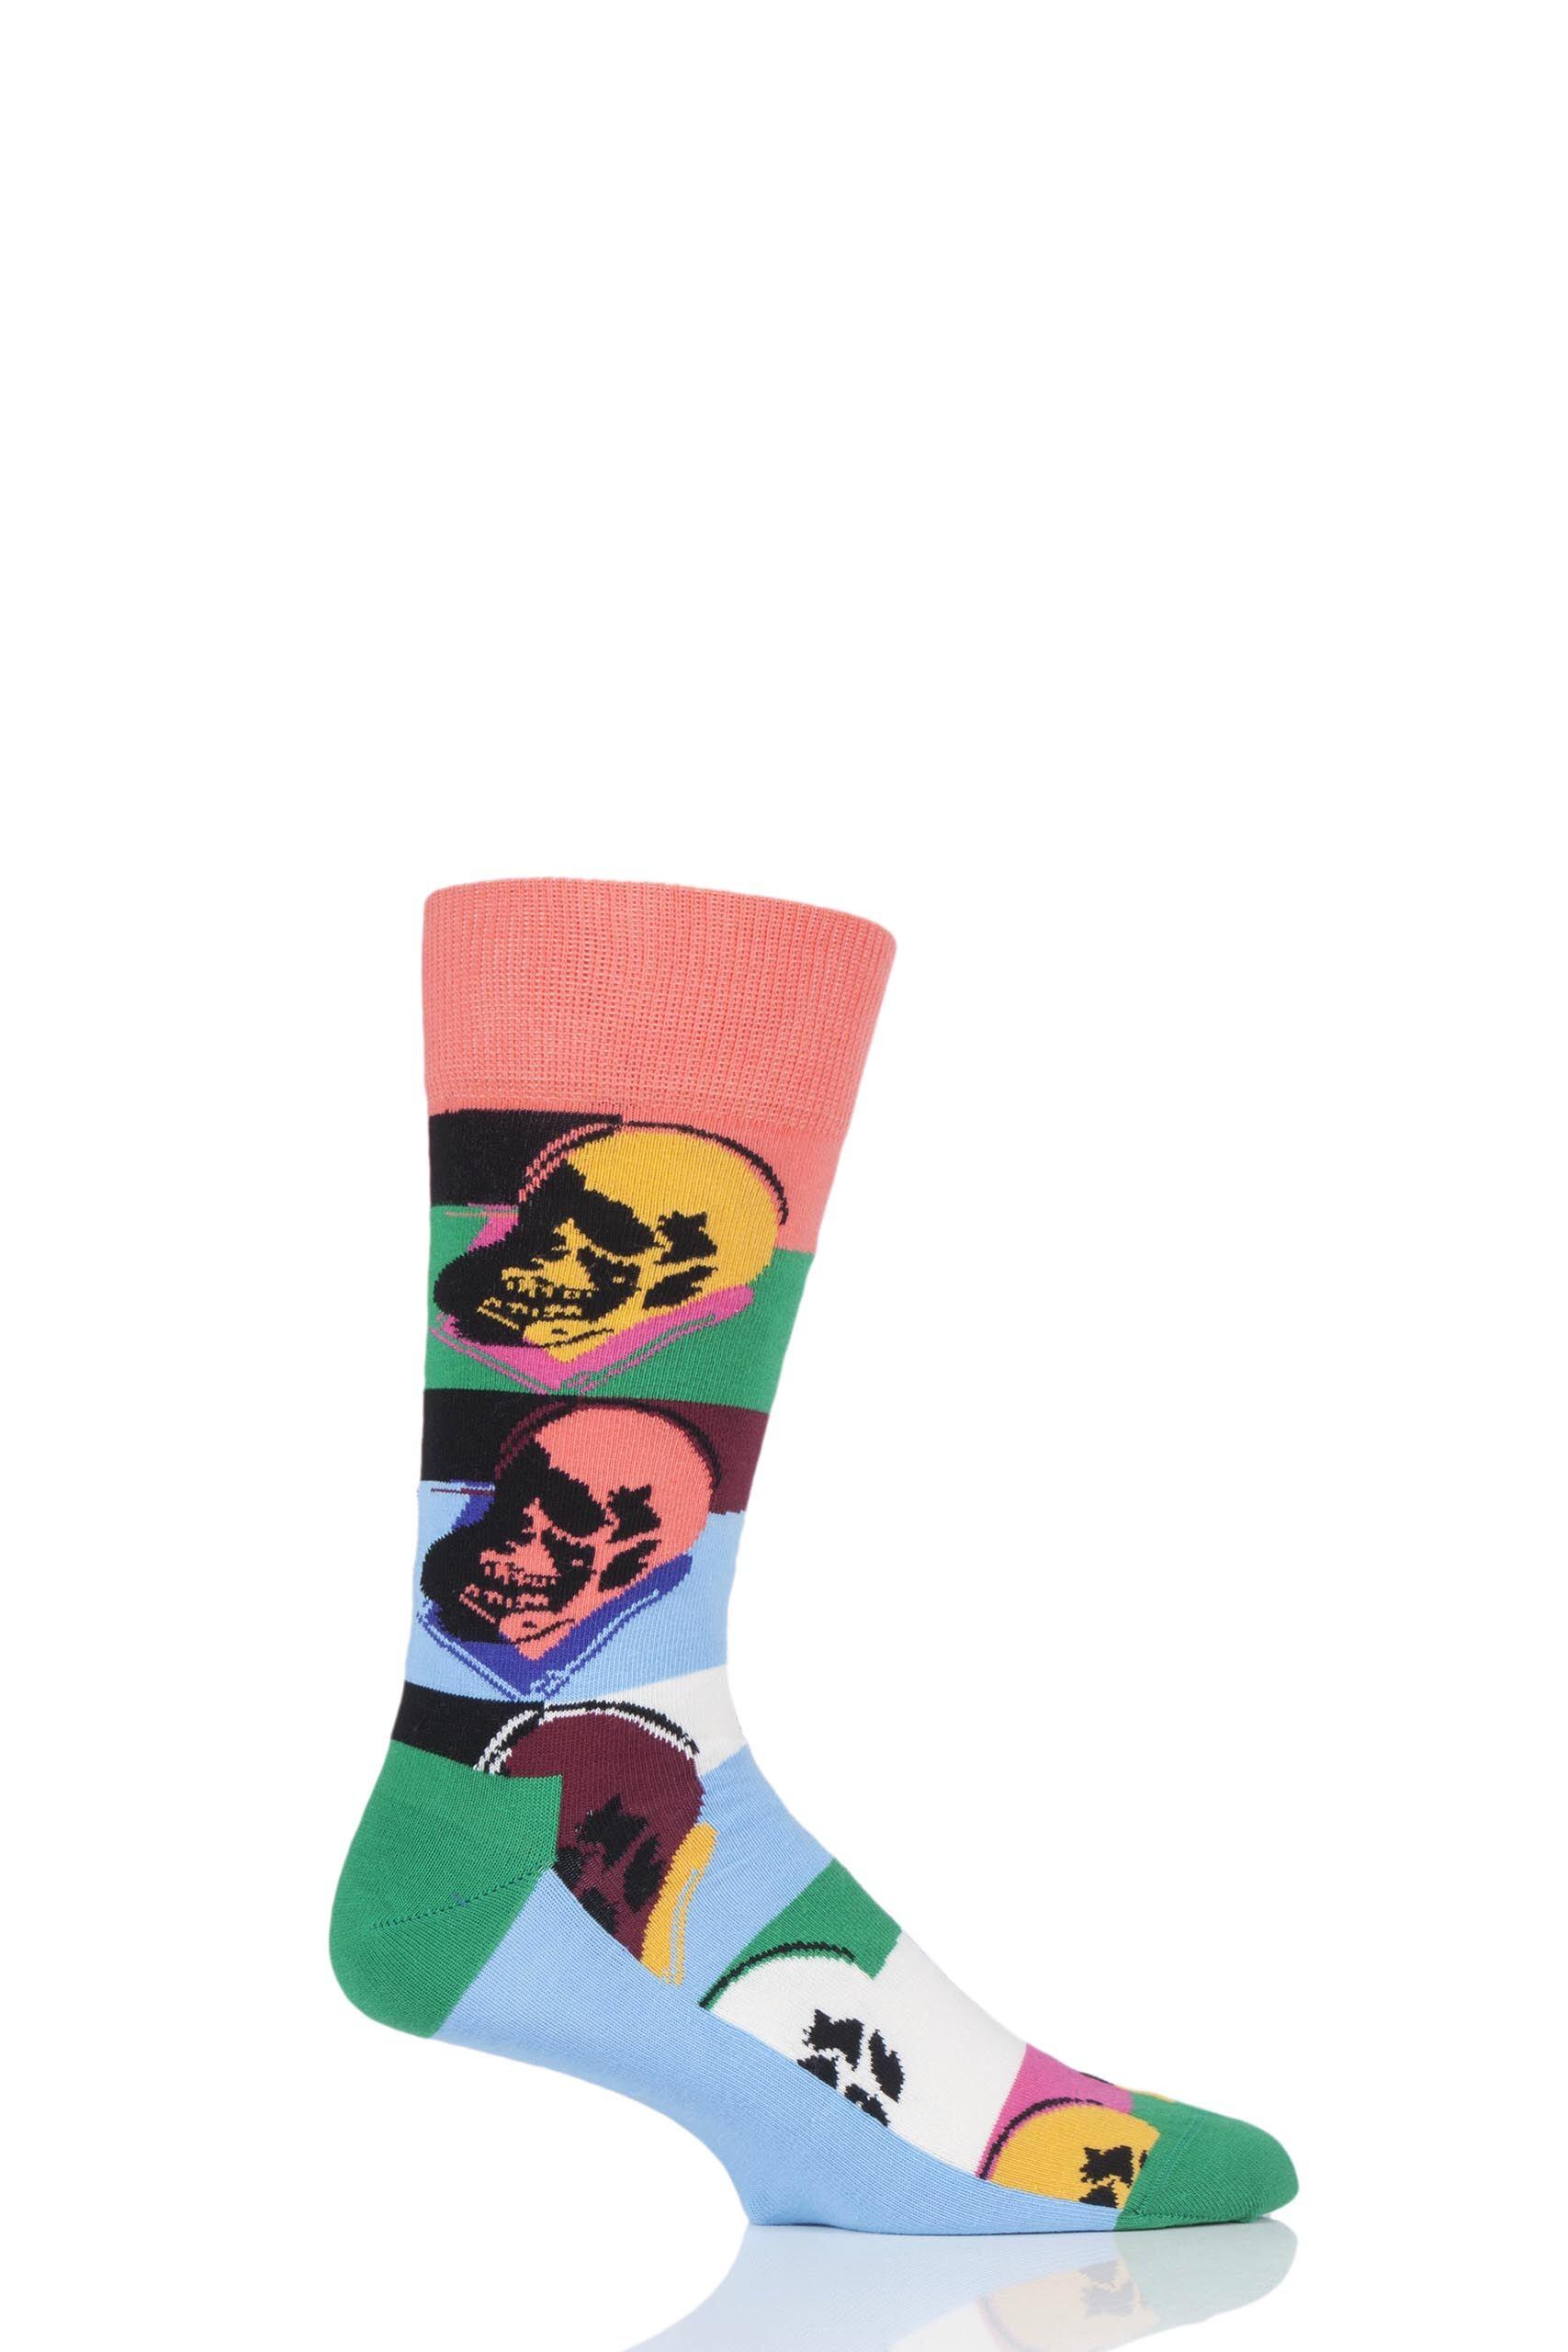 Image of 1 Pair Assorted Andy Warhol Skull Socks Unisex 7.5-11.5 Unisex - Happy Socks